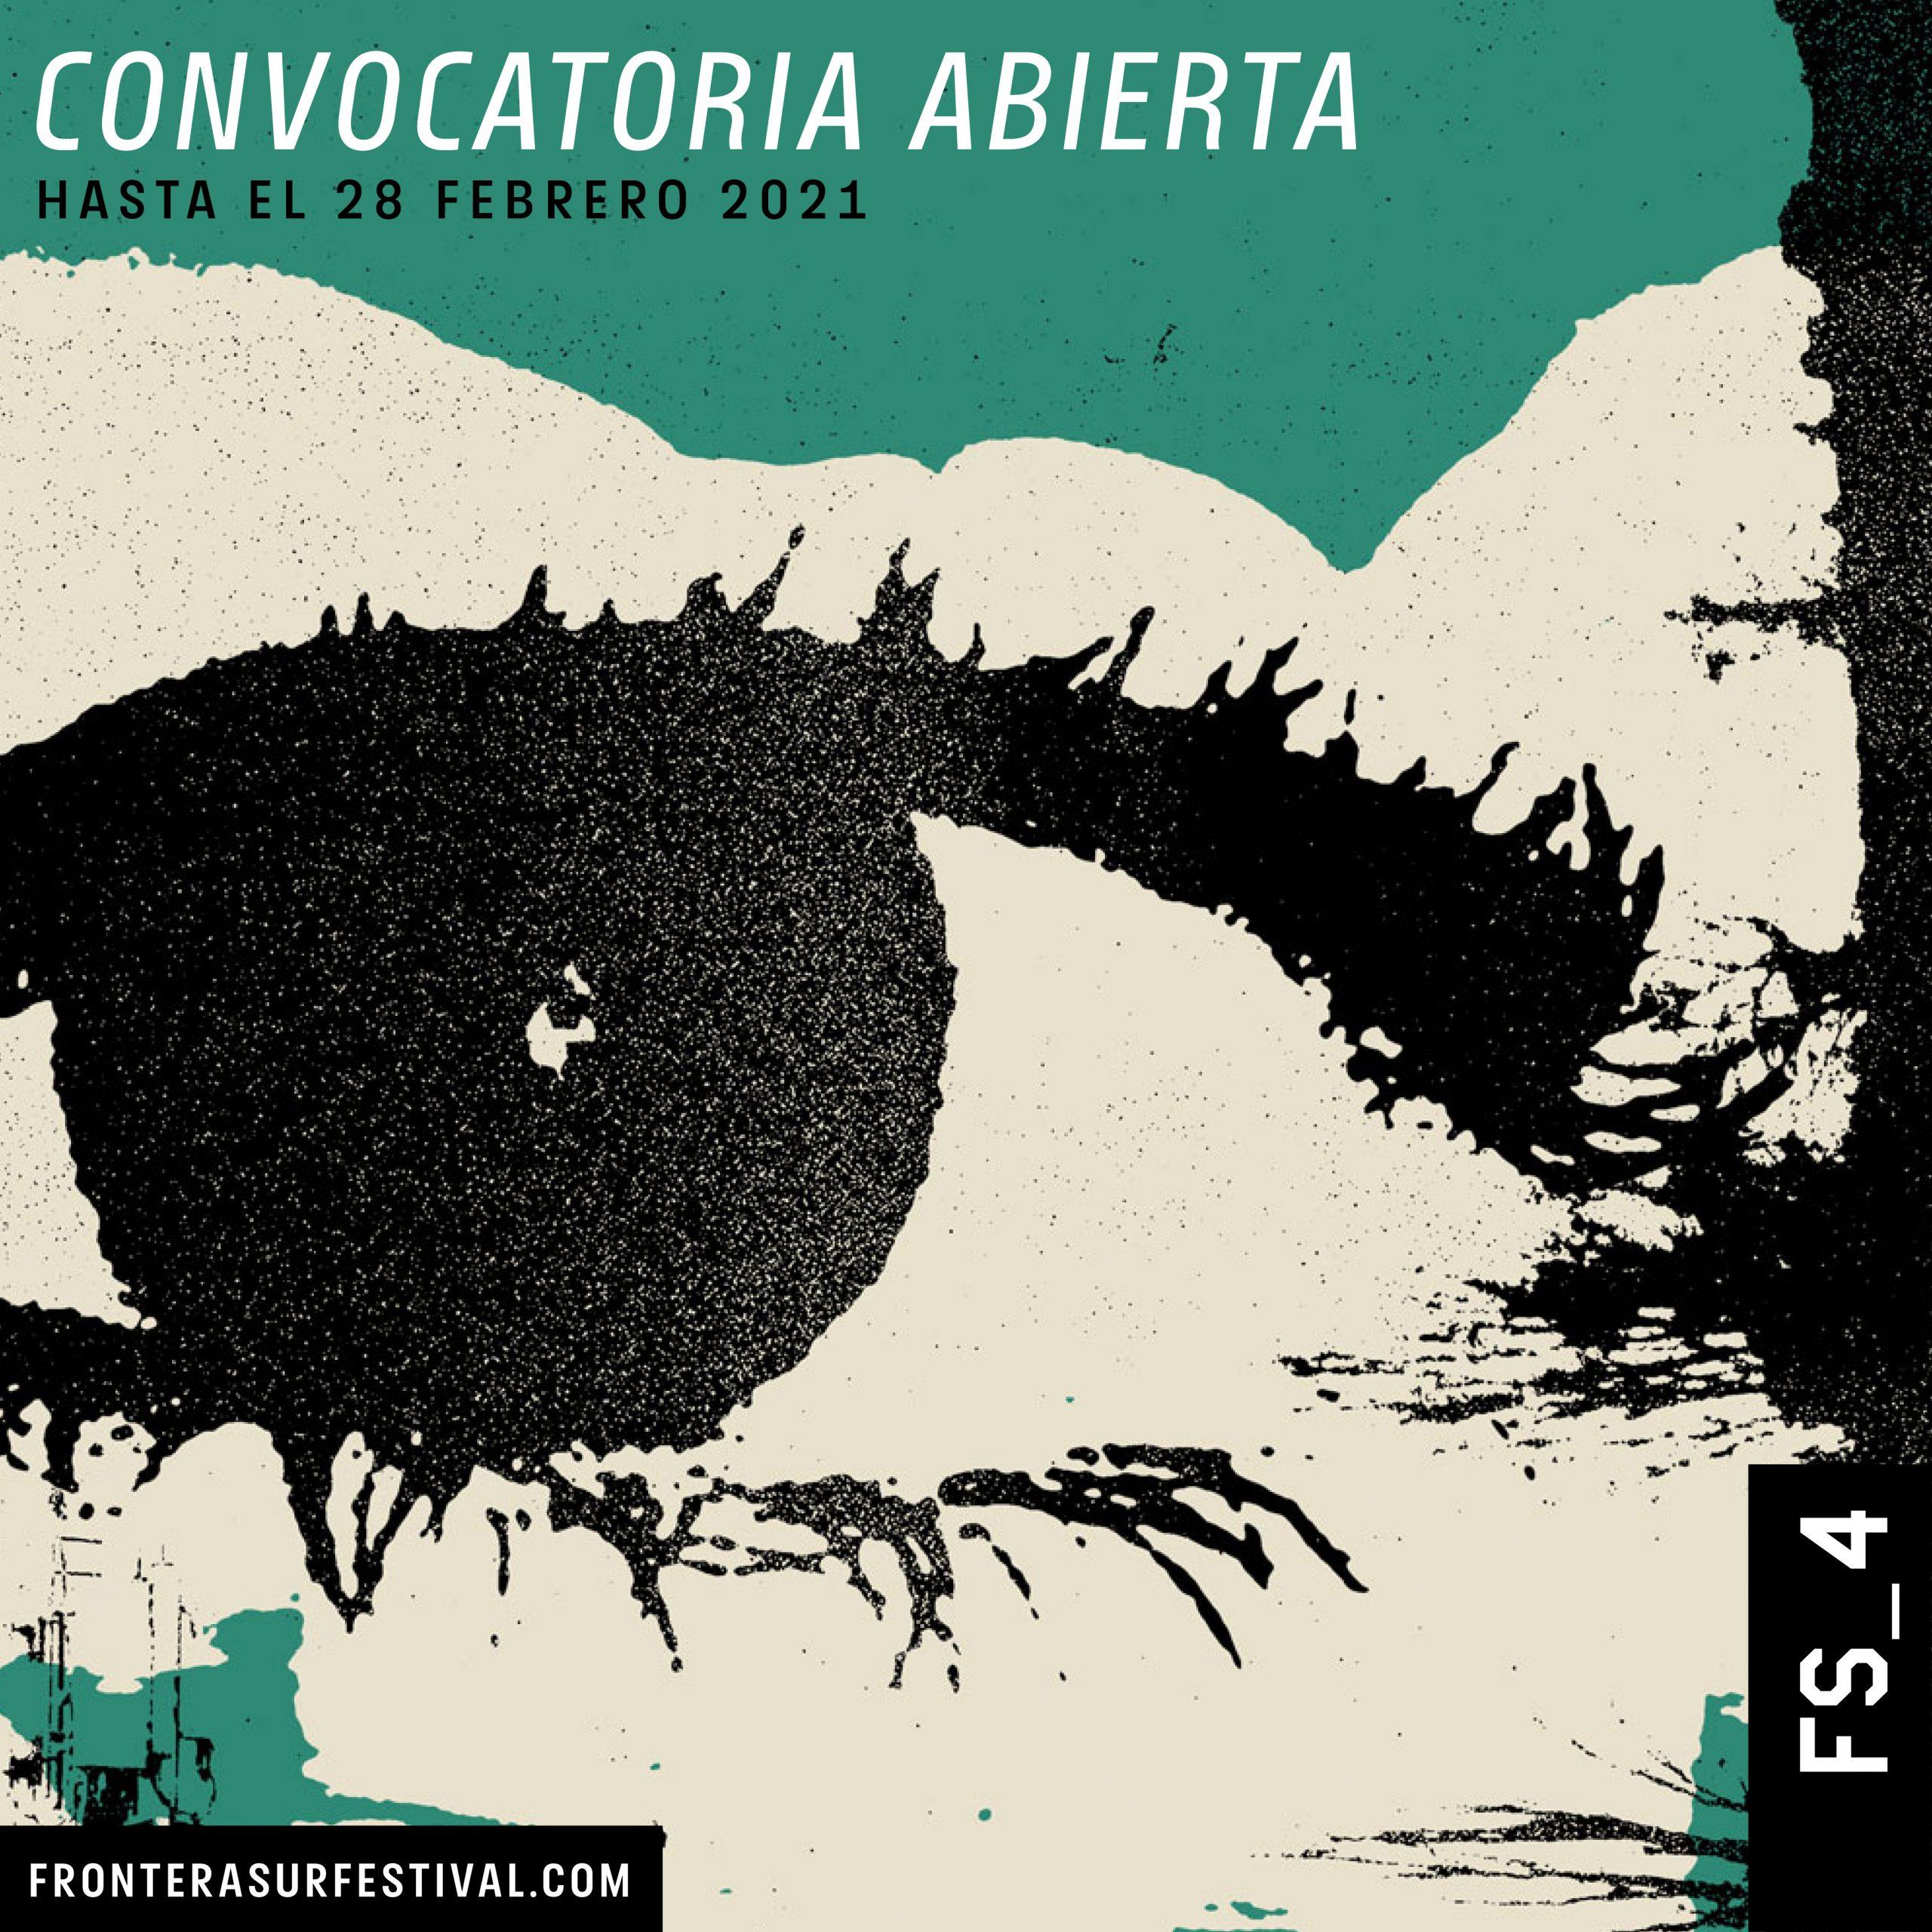 Festival de cine FRONTERA SUR abre la convocatoria internacional de su cuarta edición en modalidad online